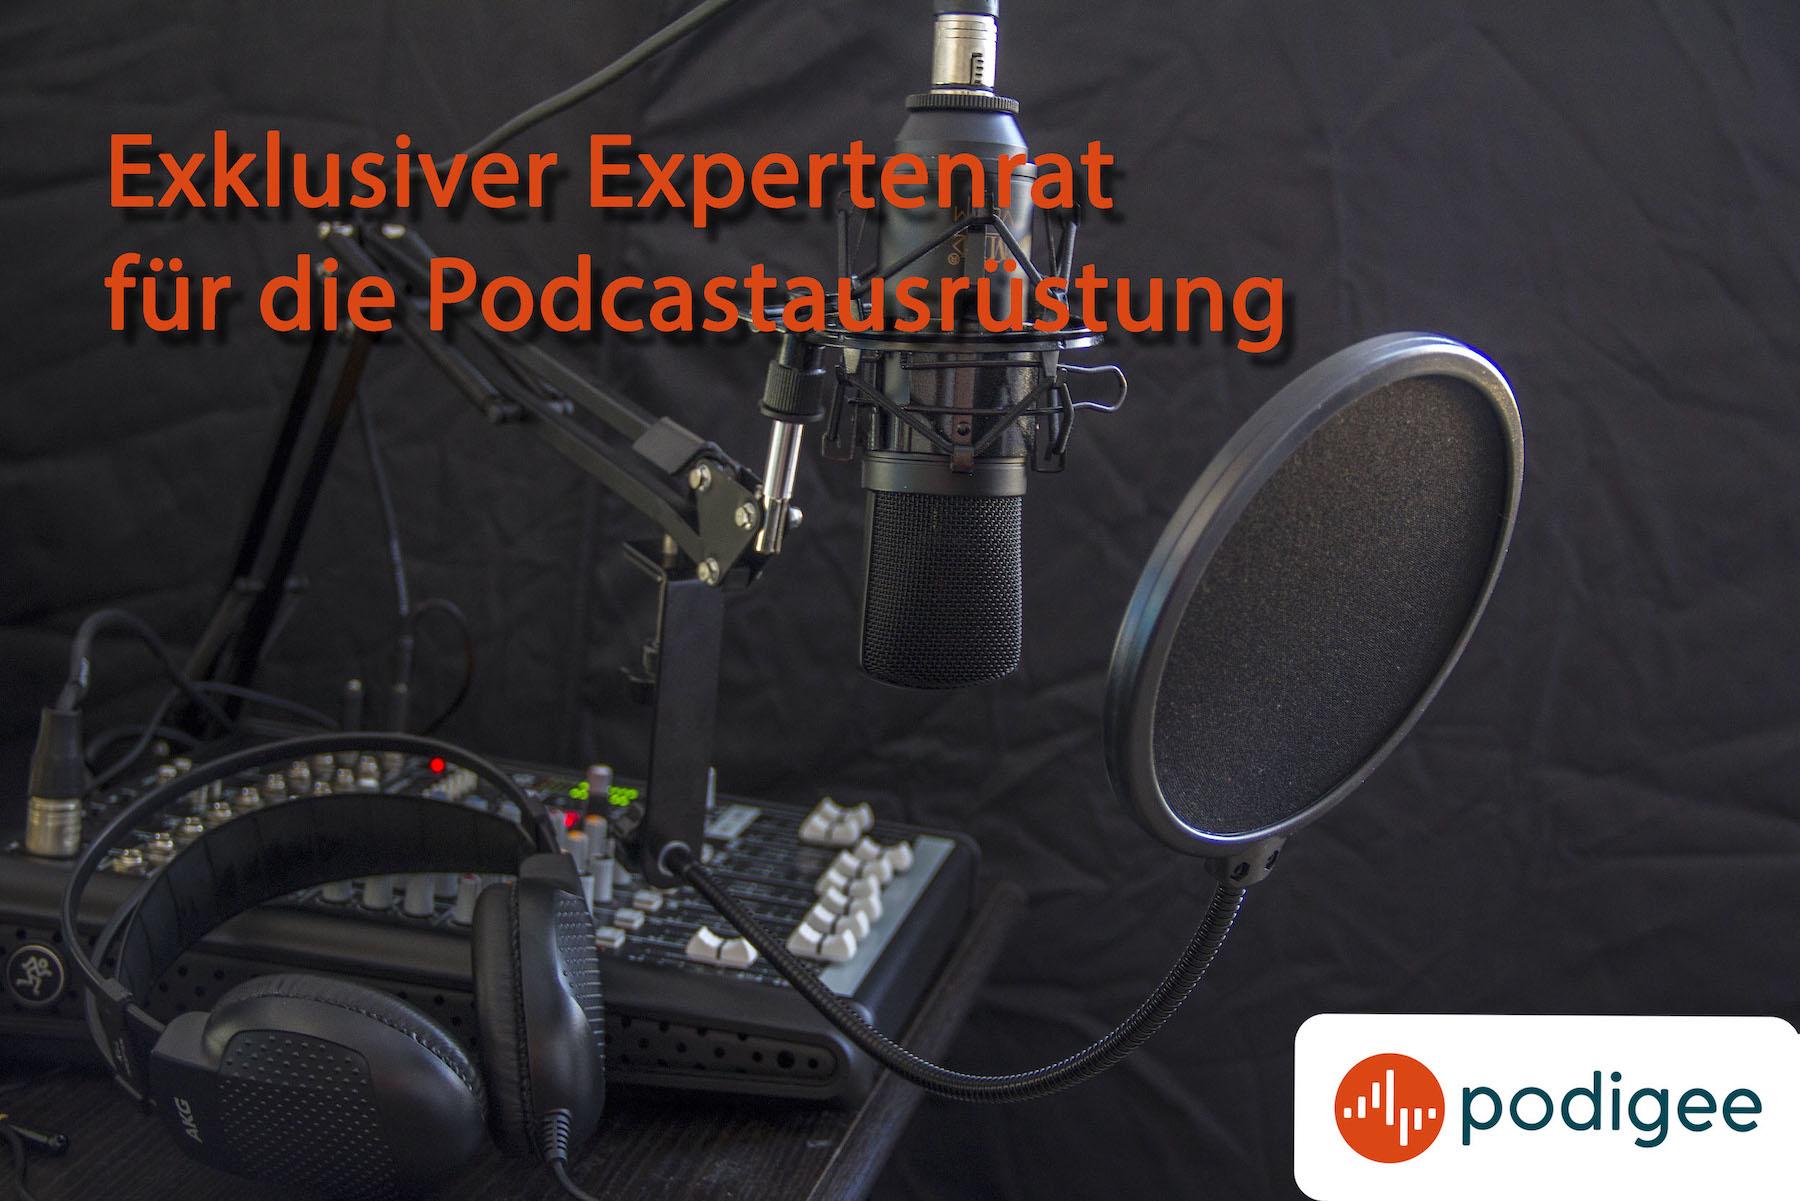 Hardware für die Aufnahme: Audio-Experten empfehlen Podcast-Mikrofone, Interfaces & Co.